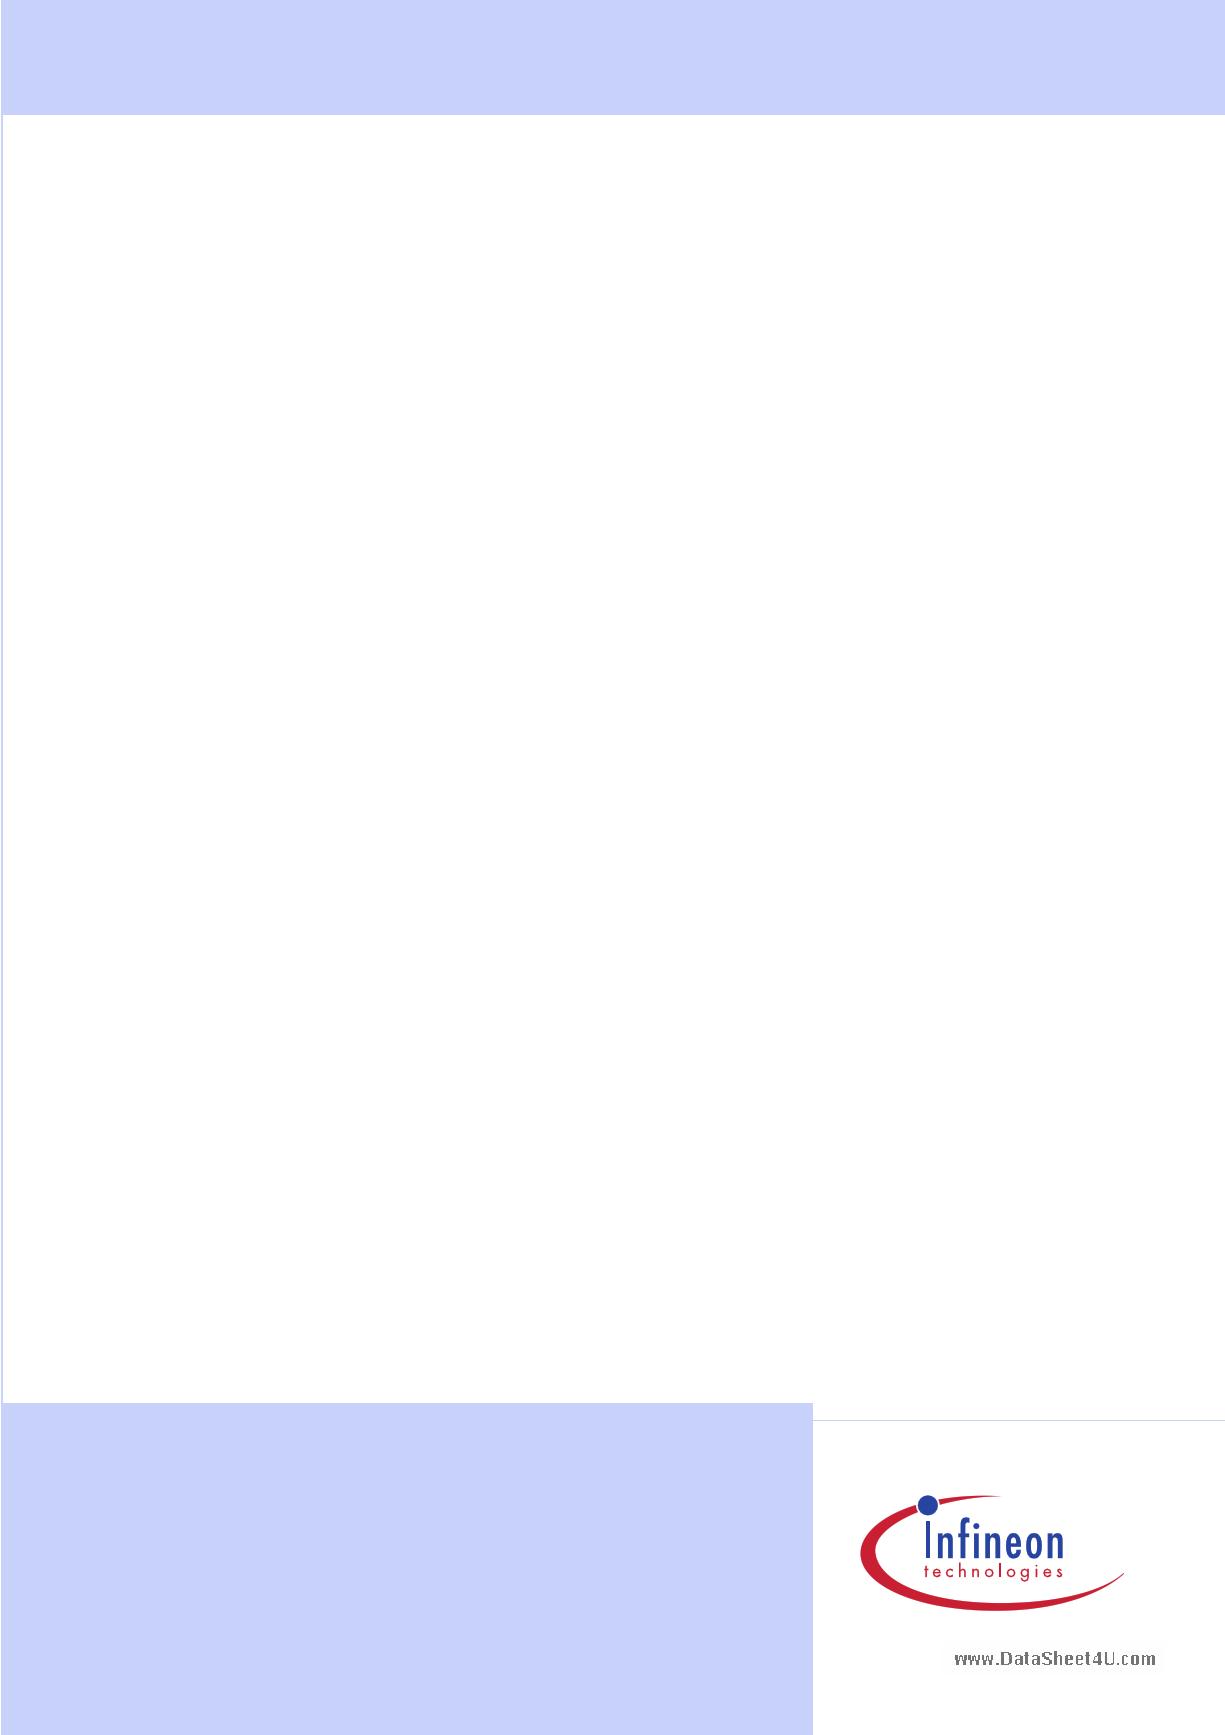 C505 pdf, ピン配列